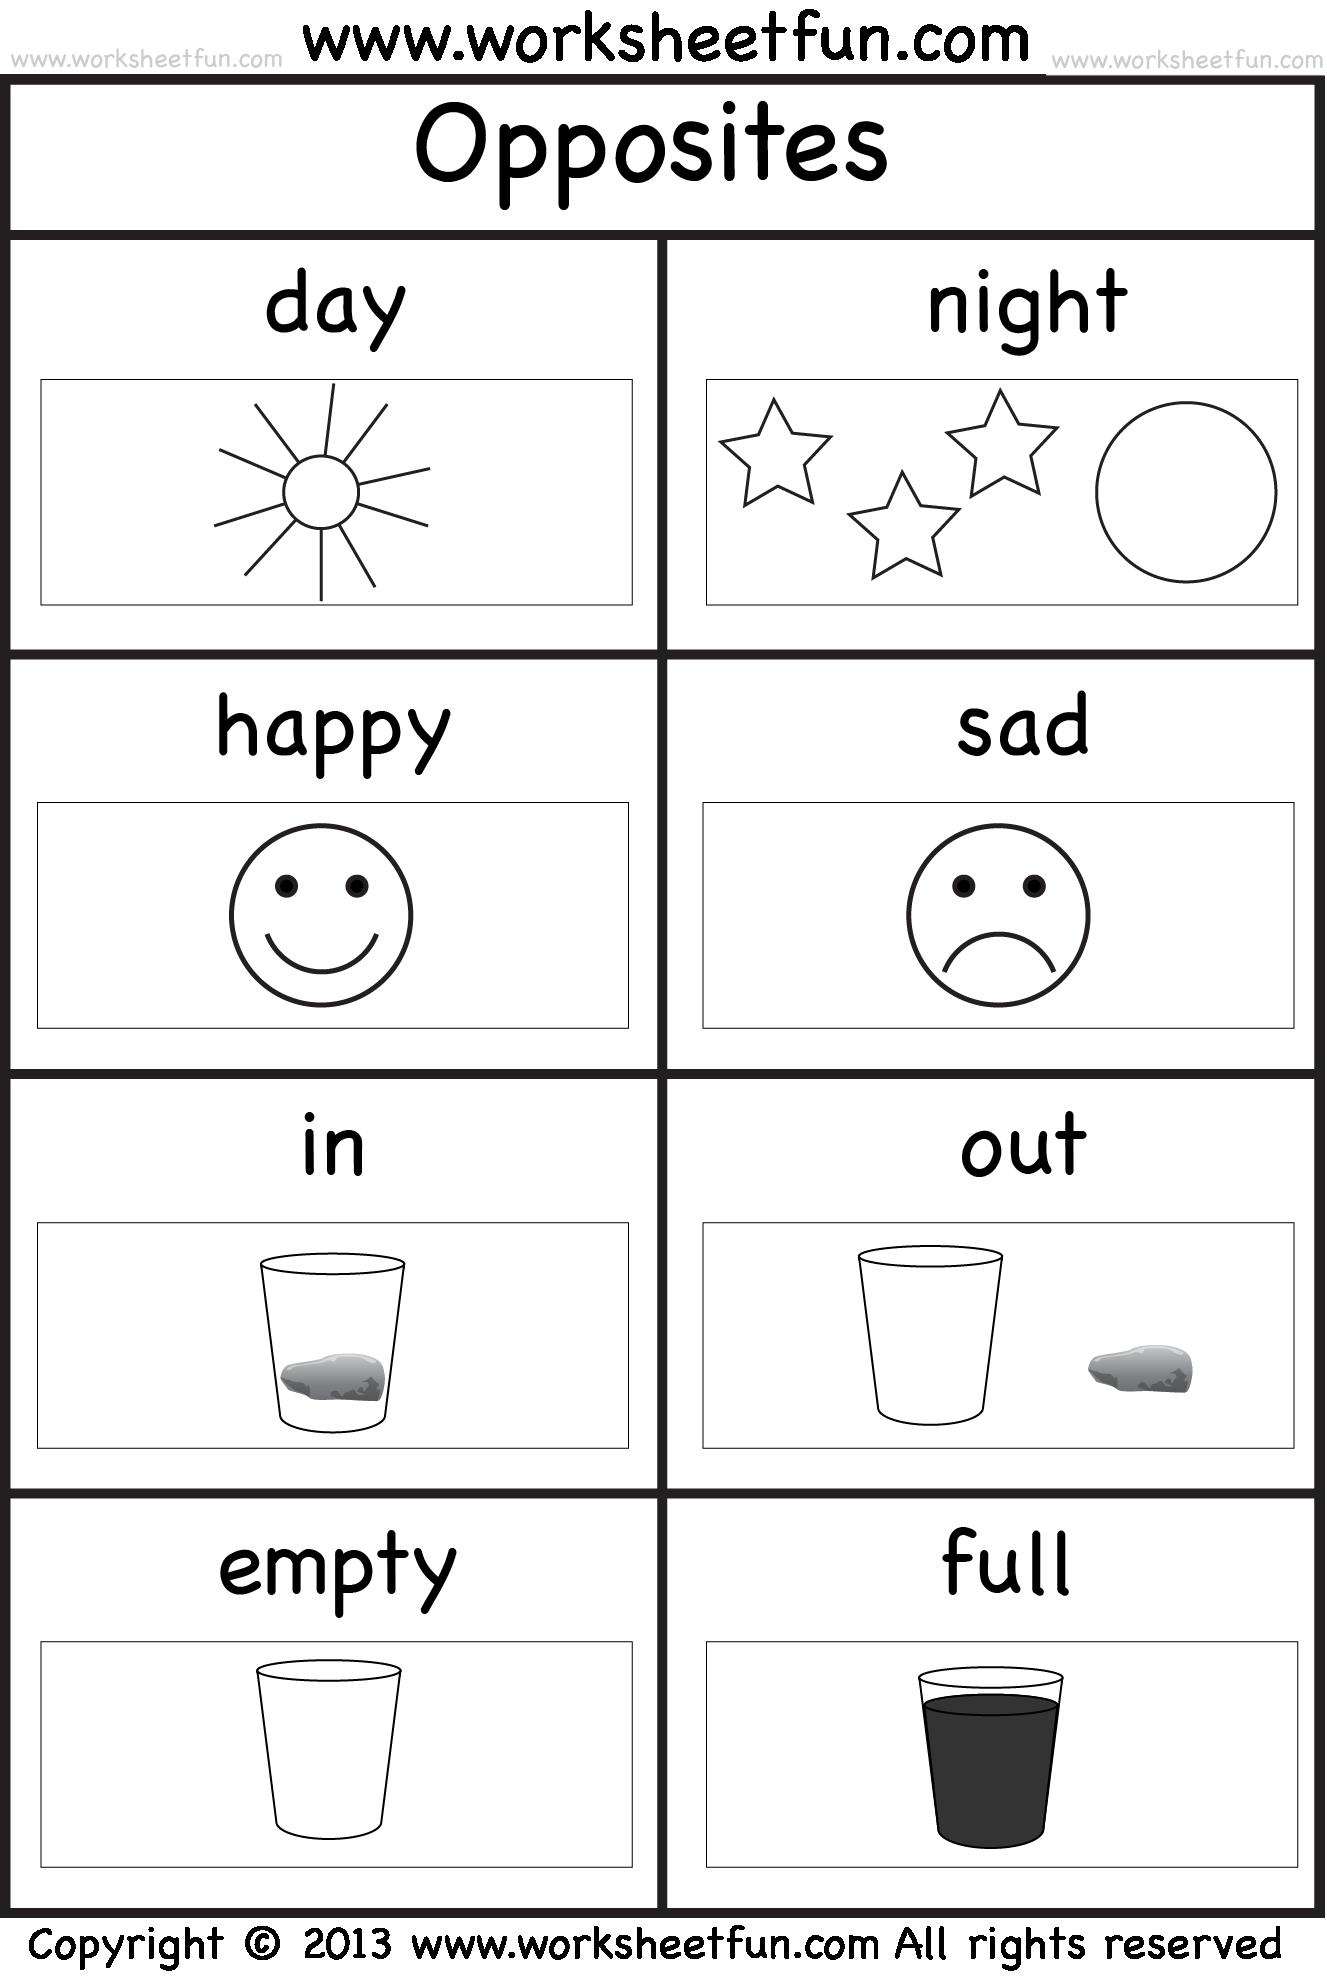 worksheet opposite worksheets for preschool opposite worksheets for kindergarten laptuoso opposites worksheet laptuoso